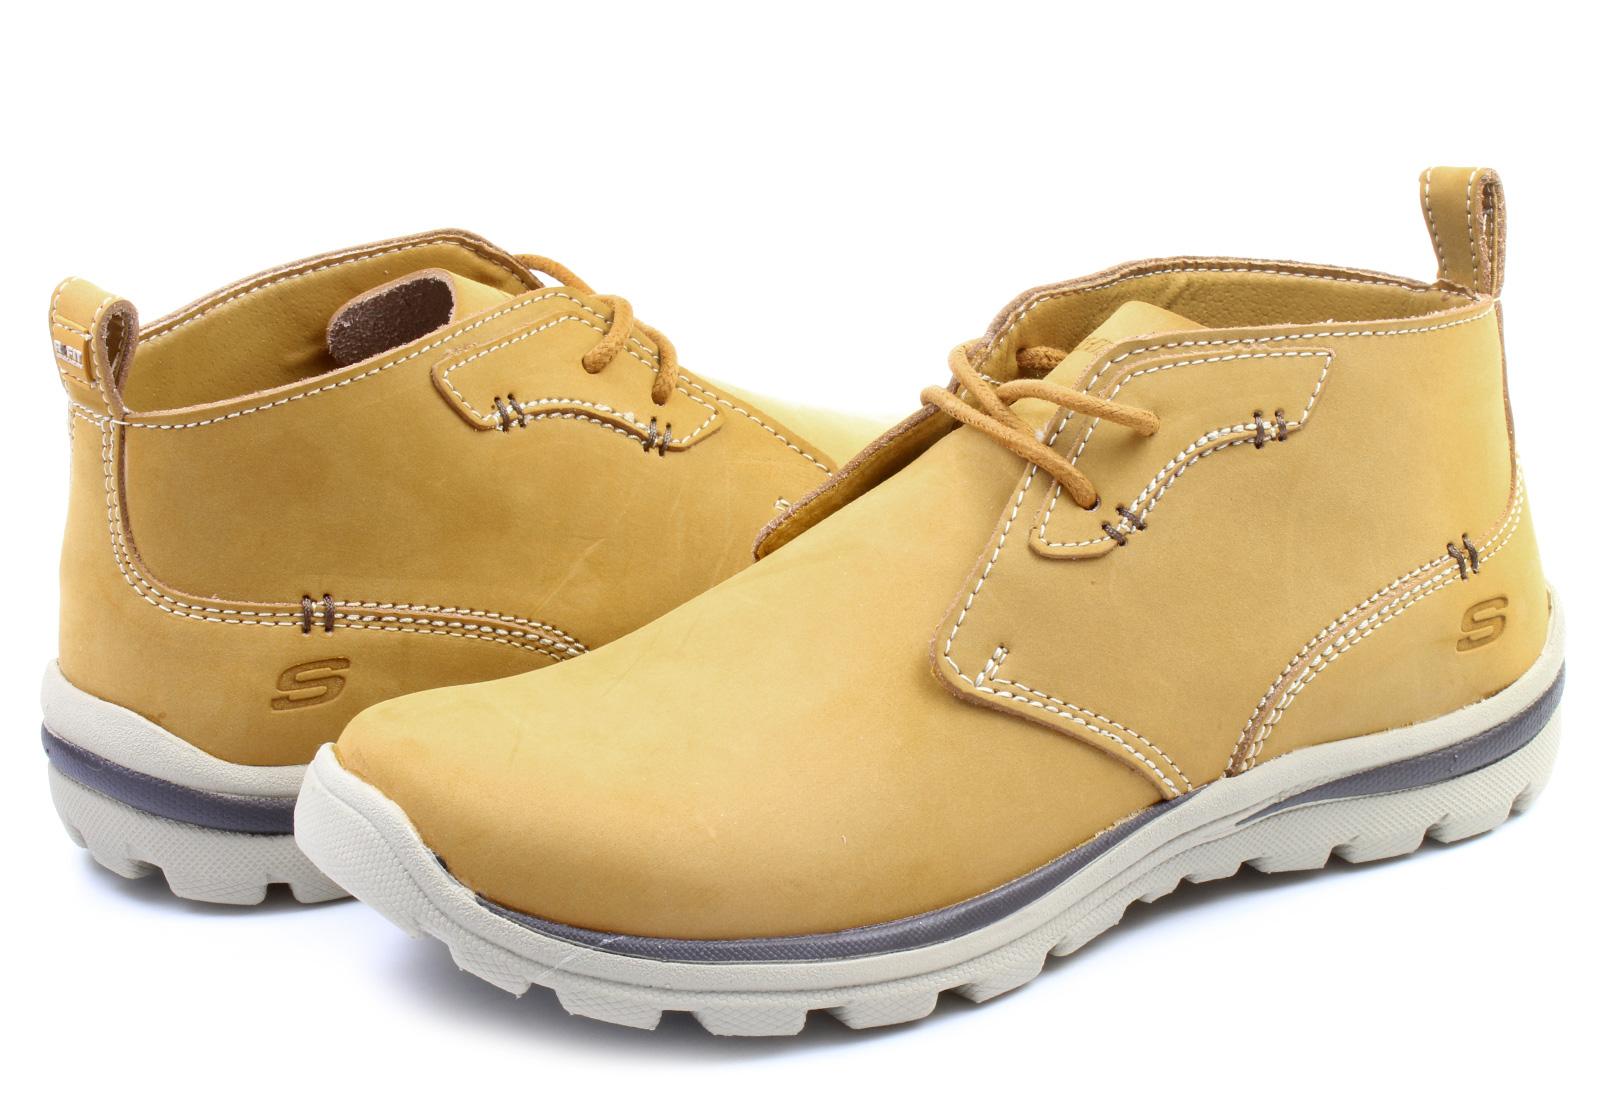 korkealaatuinen Yhdysvallat edulliseen hintaan Skechers Shoes - Keller - 63827-wtn - Online shop for sneakers, shoes and  boots